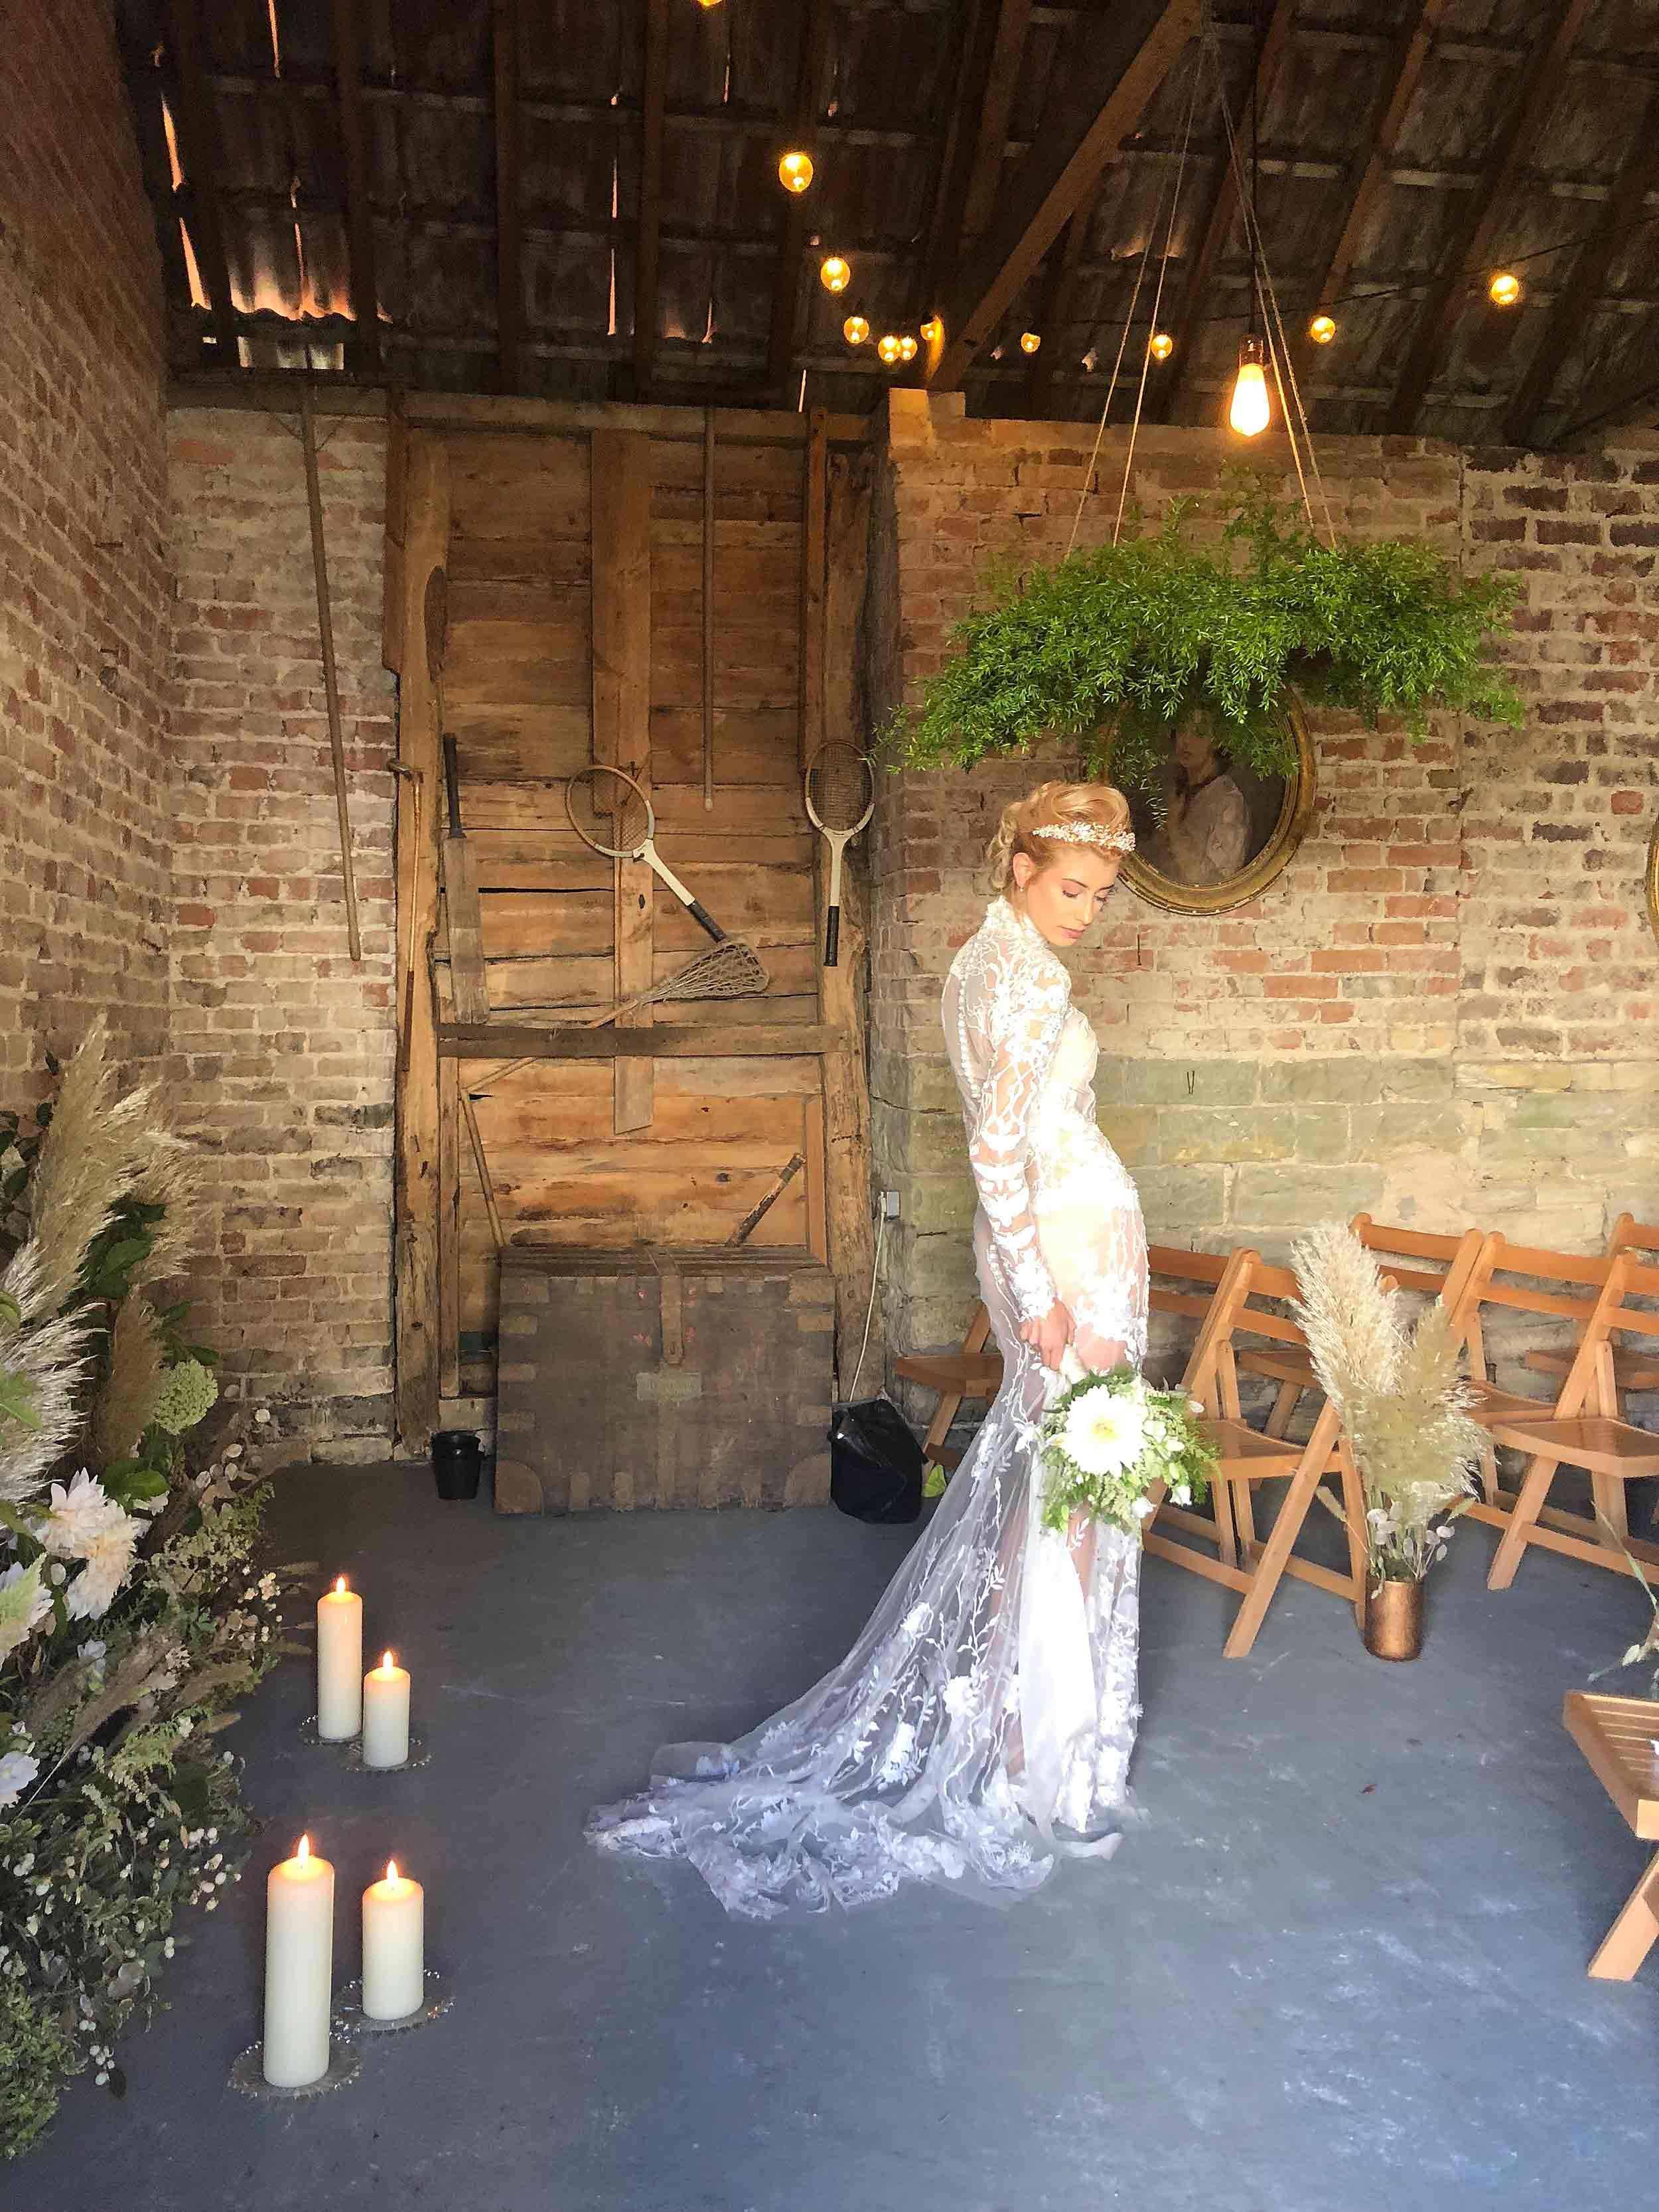 lunaria_wedding_flowers_somerset_UK_07.jpg